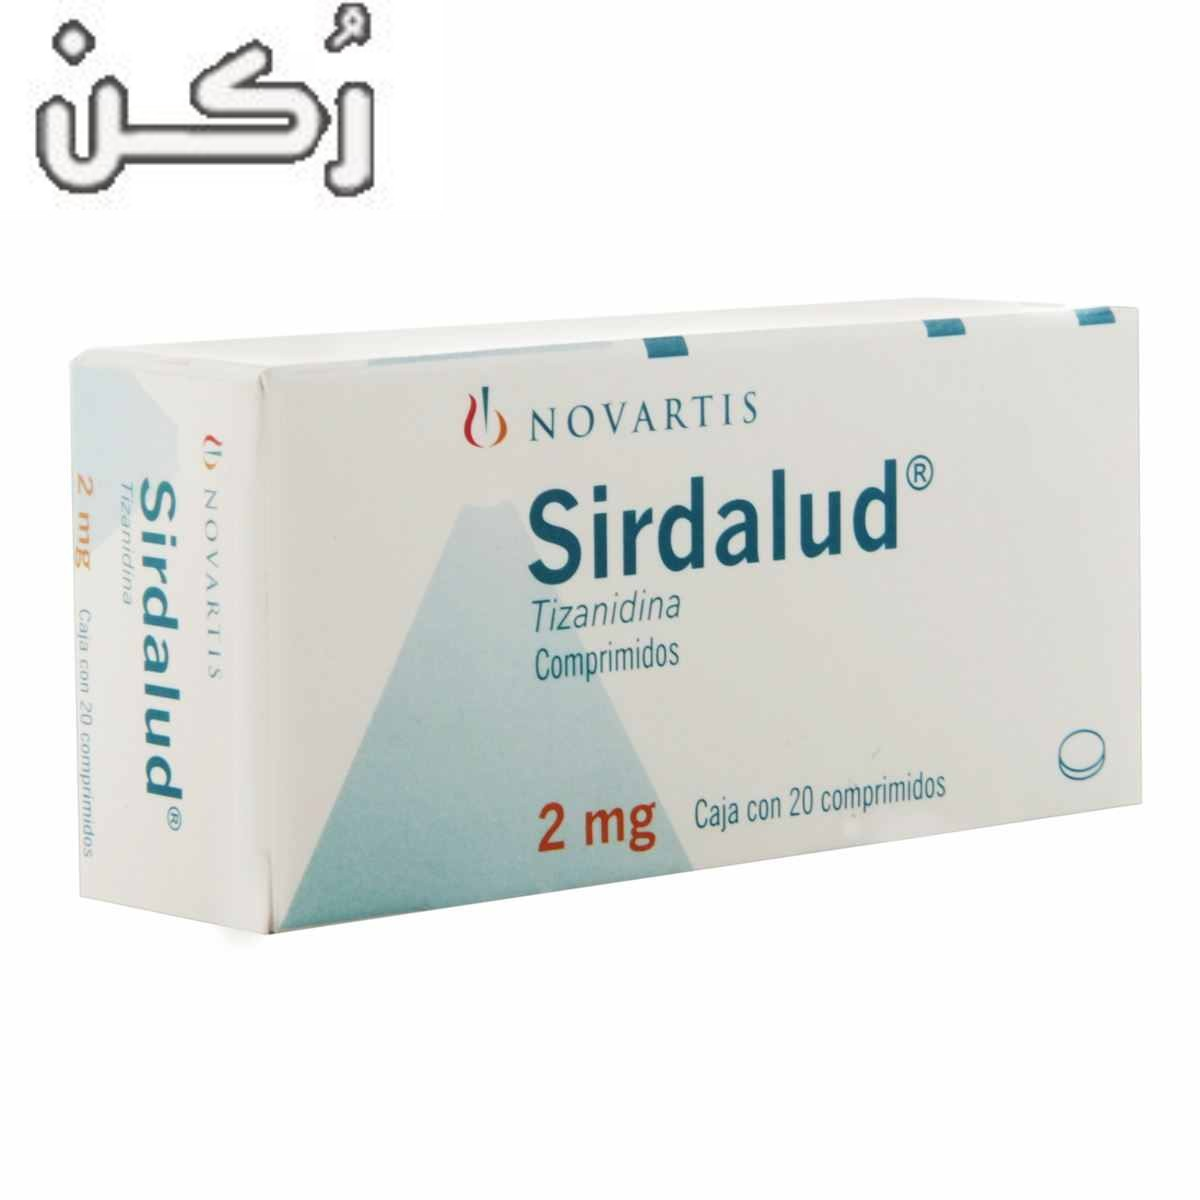 سيردالود Sirdalud لعلاج ألم الأعصاب والتشنج العضلي